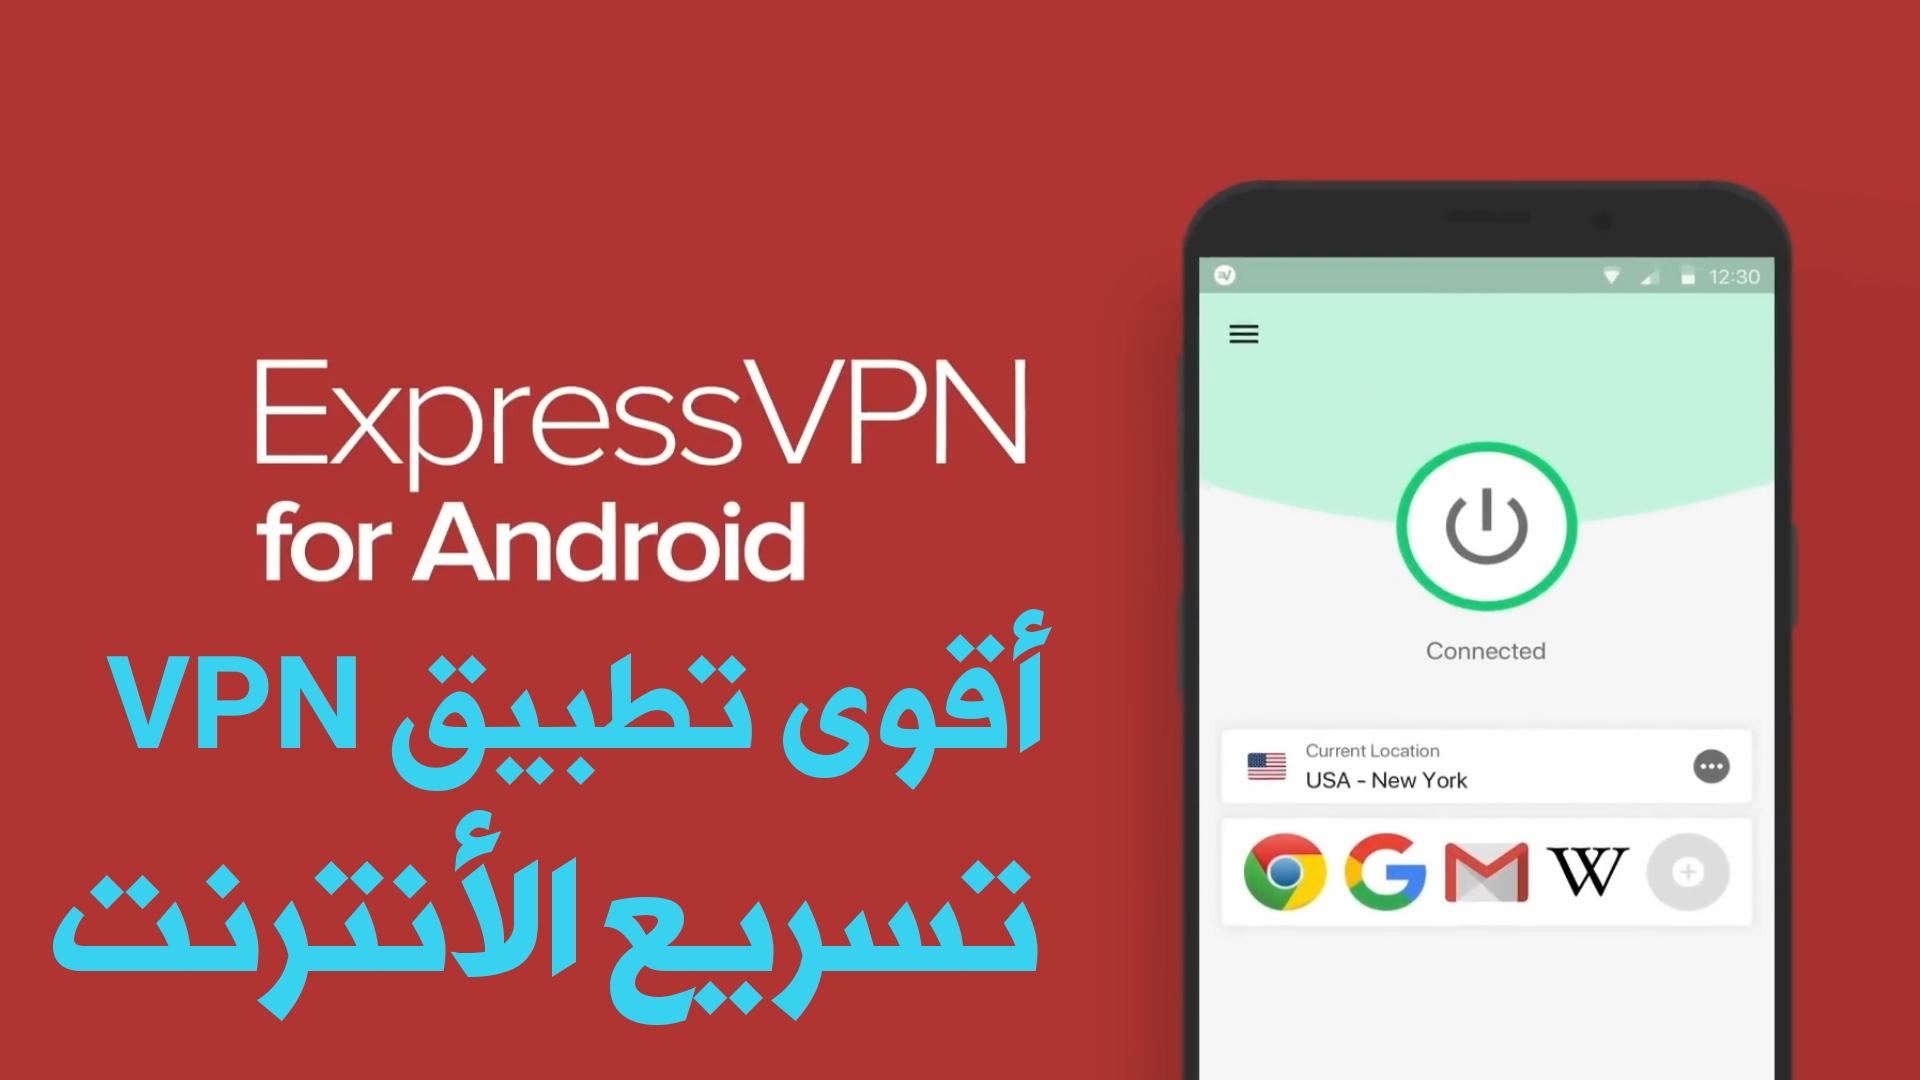 أقوى تطبيق VPN يعمل مع تهكير Pubge Mobile ويسرع الأنترنت وبدون قطع الأتصال